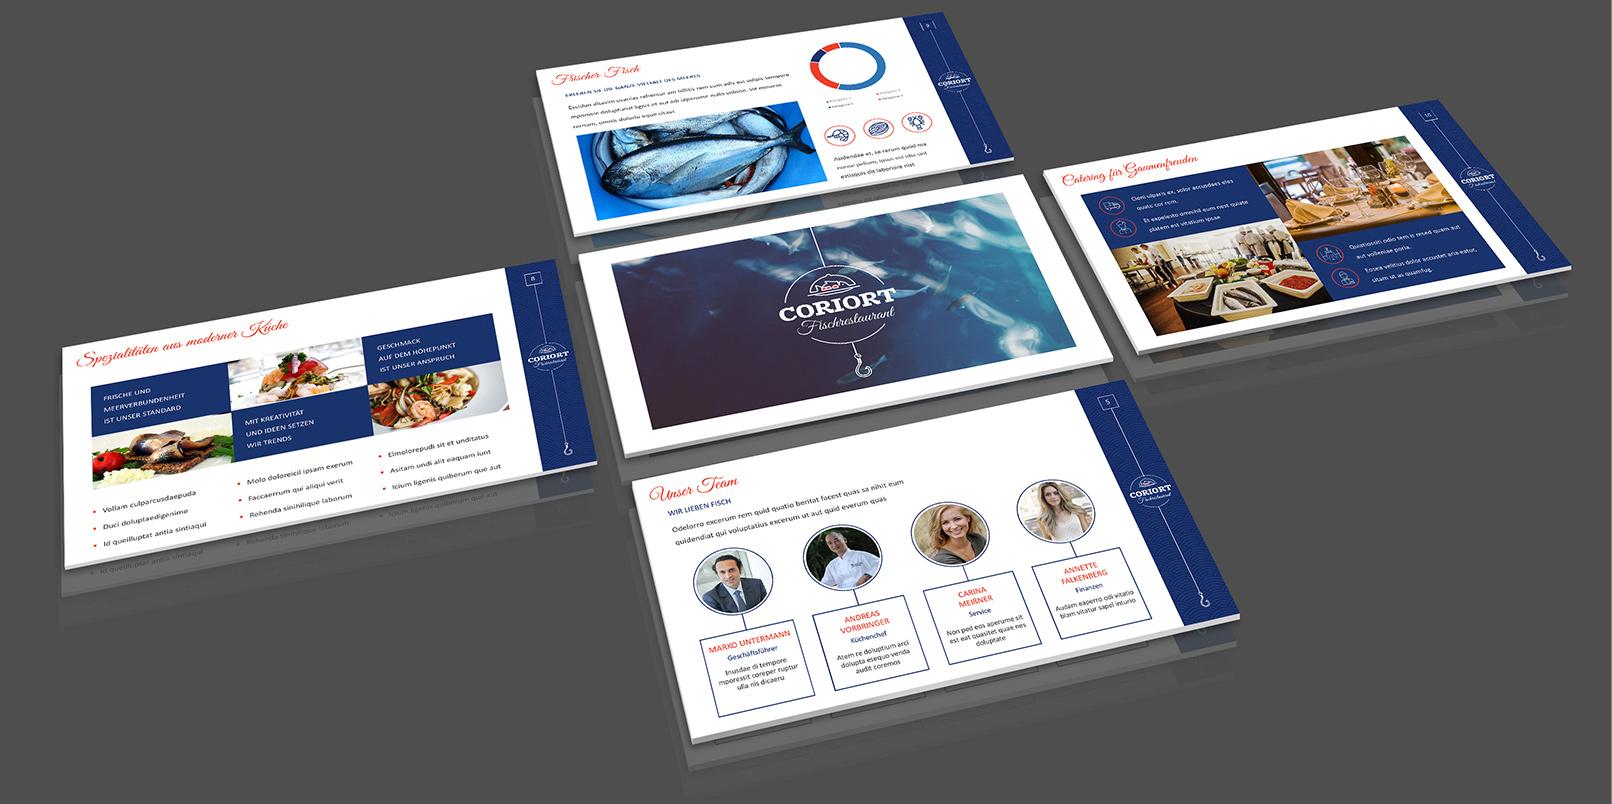 Layout-Vorlagen für PowerPoint: Restaurant, Food und Gastro